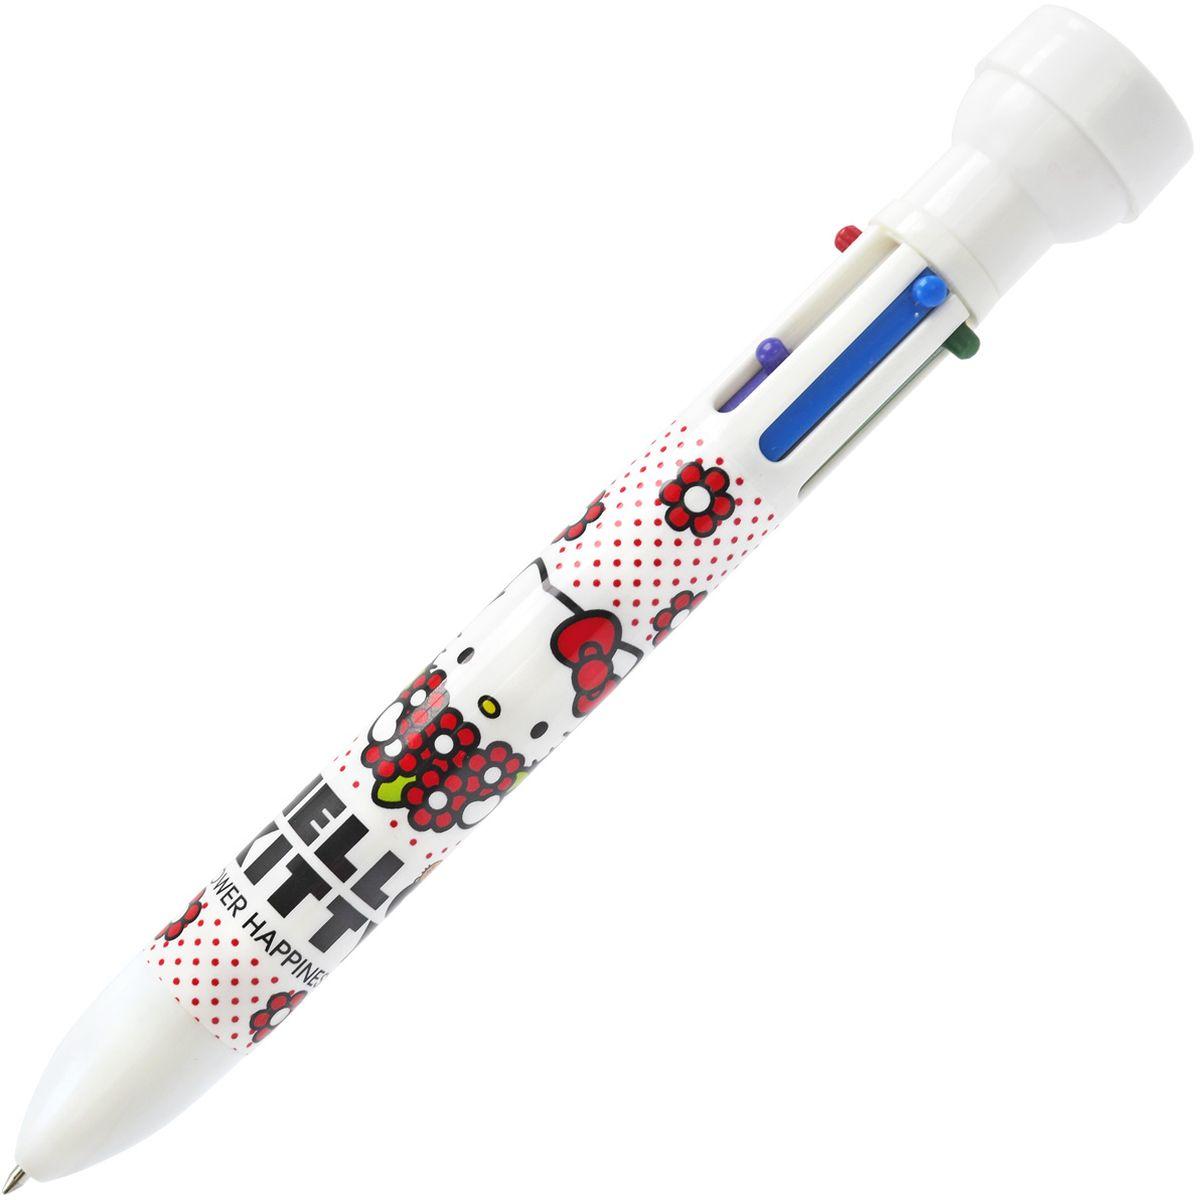 Action! Ручка шариковая Hello Kitty со штампиком 6 цветов72523WDПластиковый корпус. 6 цветов в одной ручке: красный, фиолетовый, синий, зеленый, оранжевый, черный. Со штампиком.